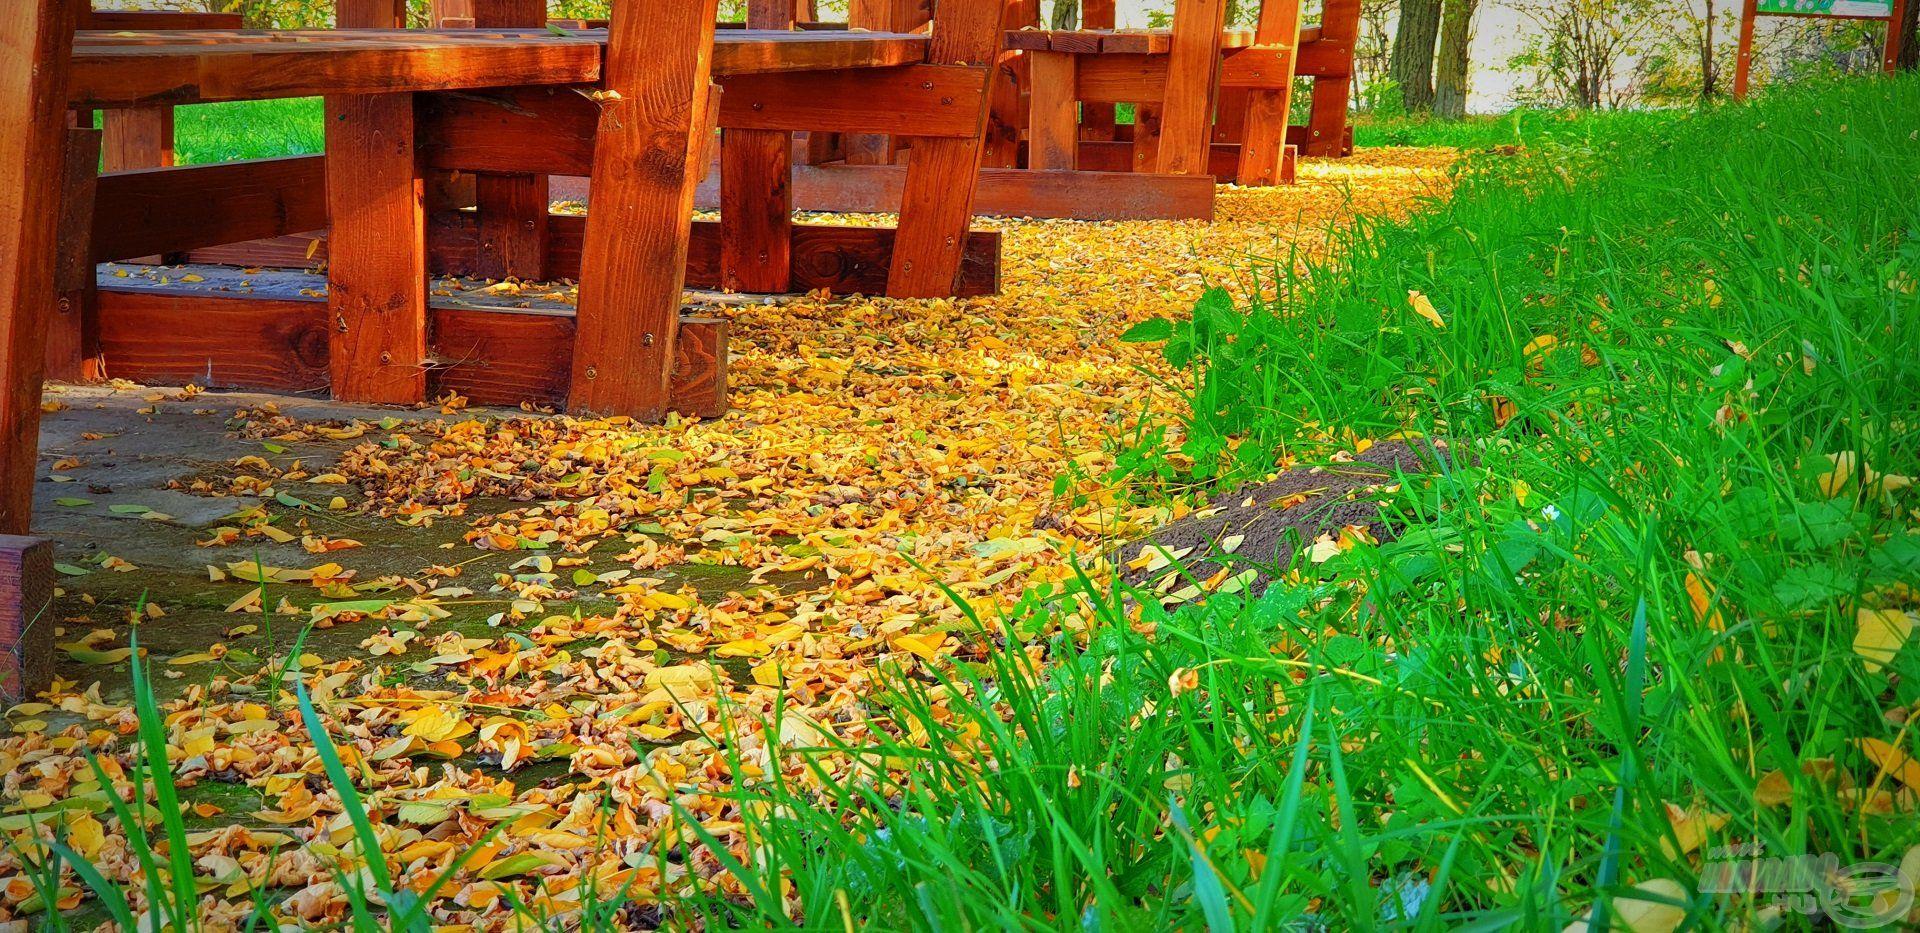 Az októberi nyárban csak a fák lehullott, elsárgult levelei árulkodtak az évszakról